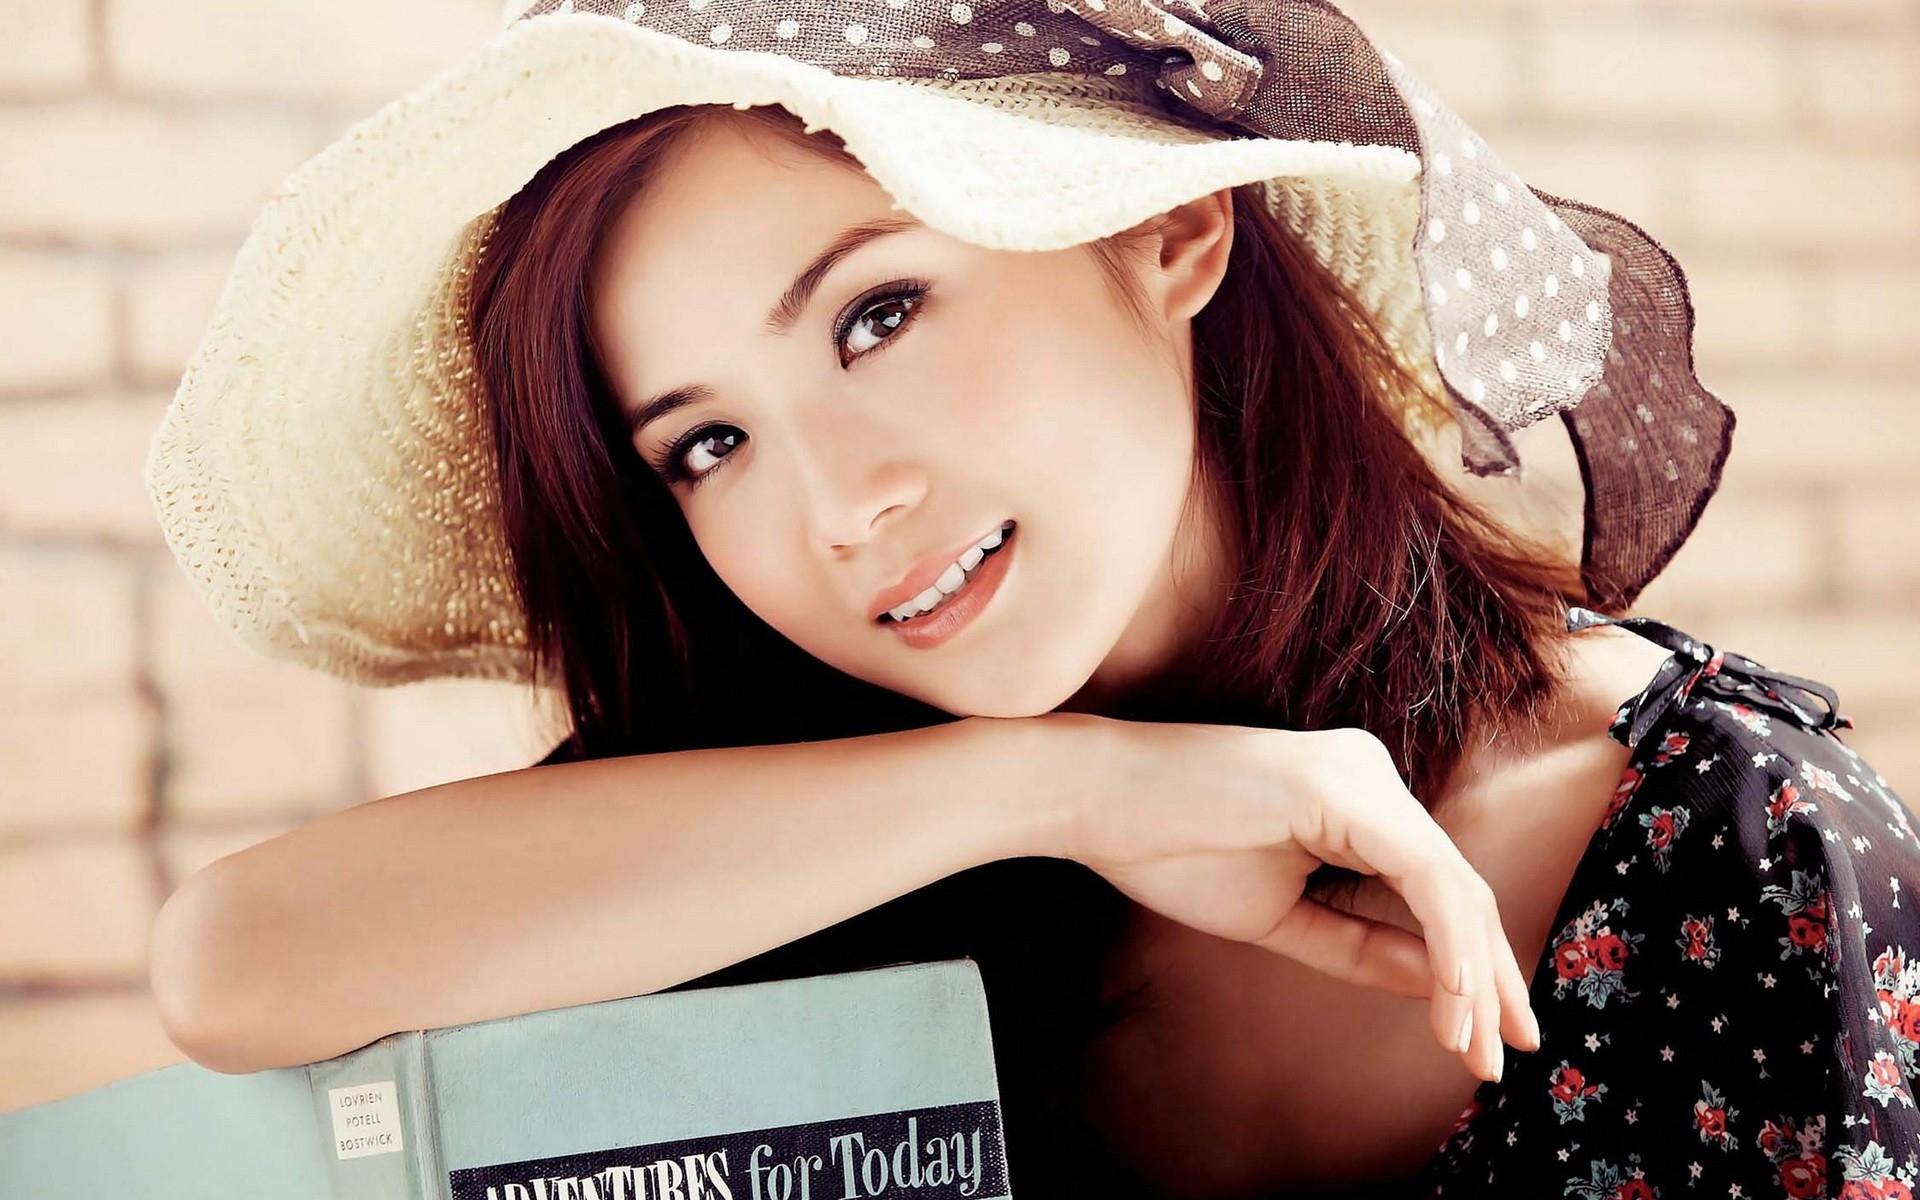 Phụ nữ hãy tô thêm son, dặm chút phấn và học thuộc lòng những nguyên tắc này để kiêu hãnh với đời - Ảnh 3